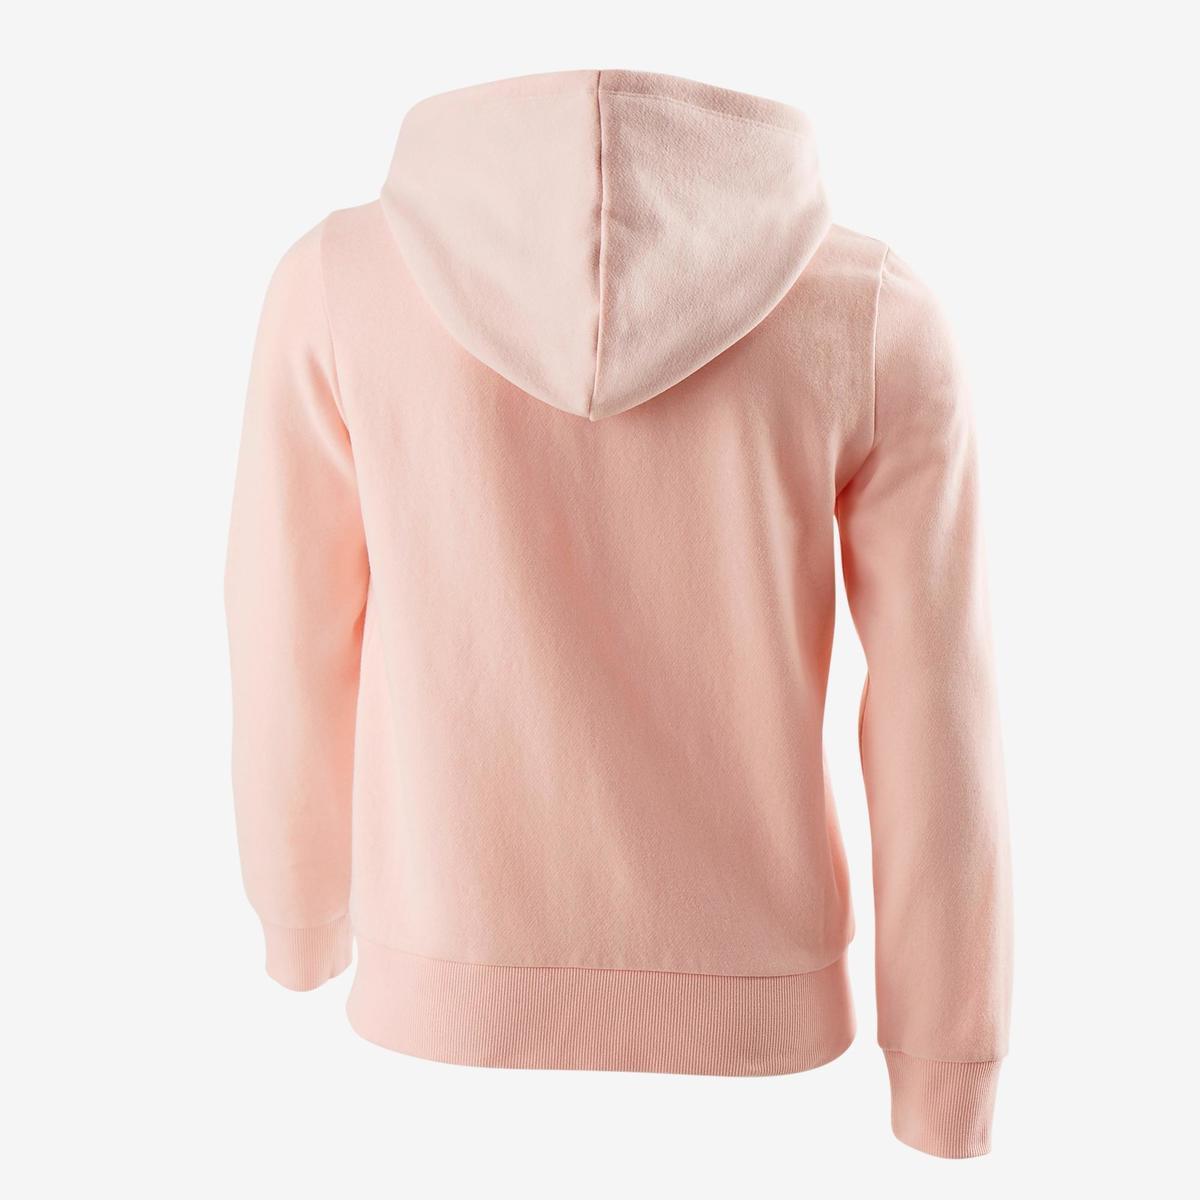 Bild 4 von Sweatshirtjacke 500 Gym Kinder rosa